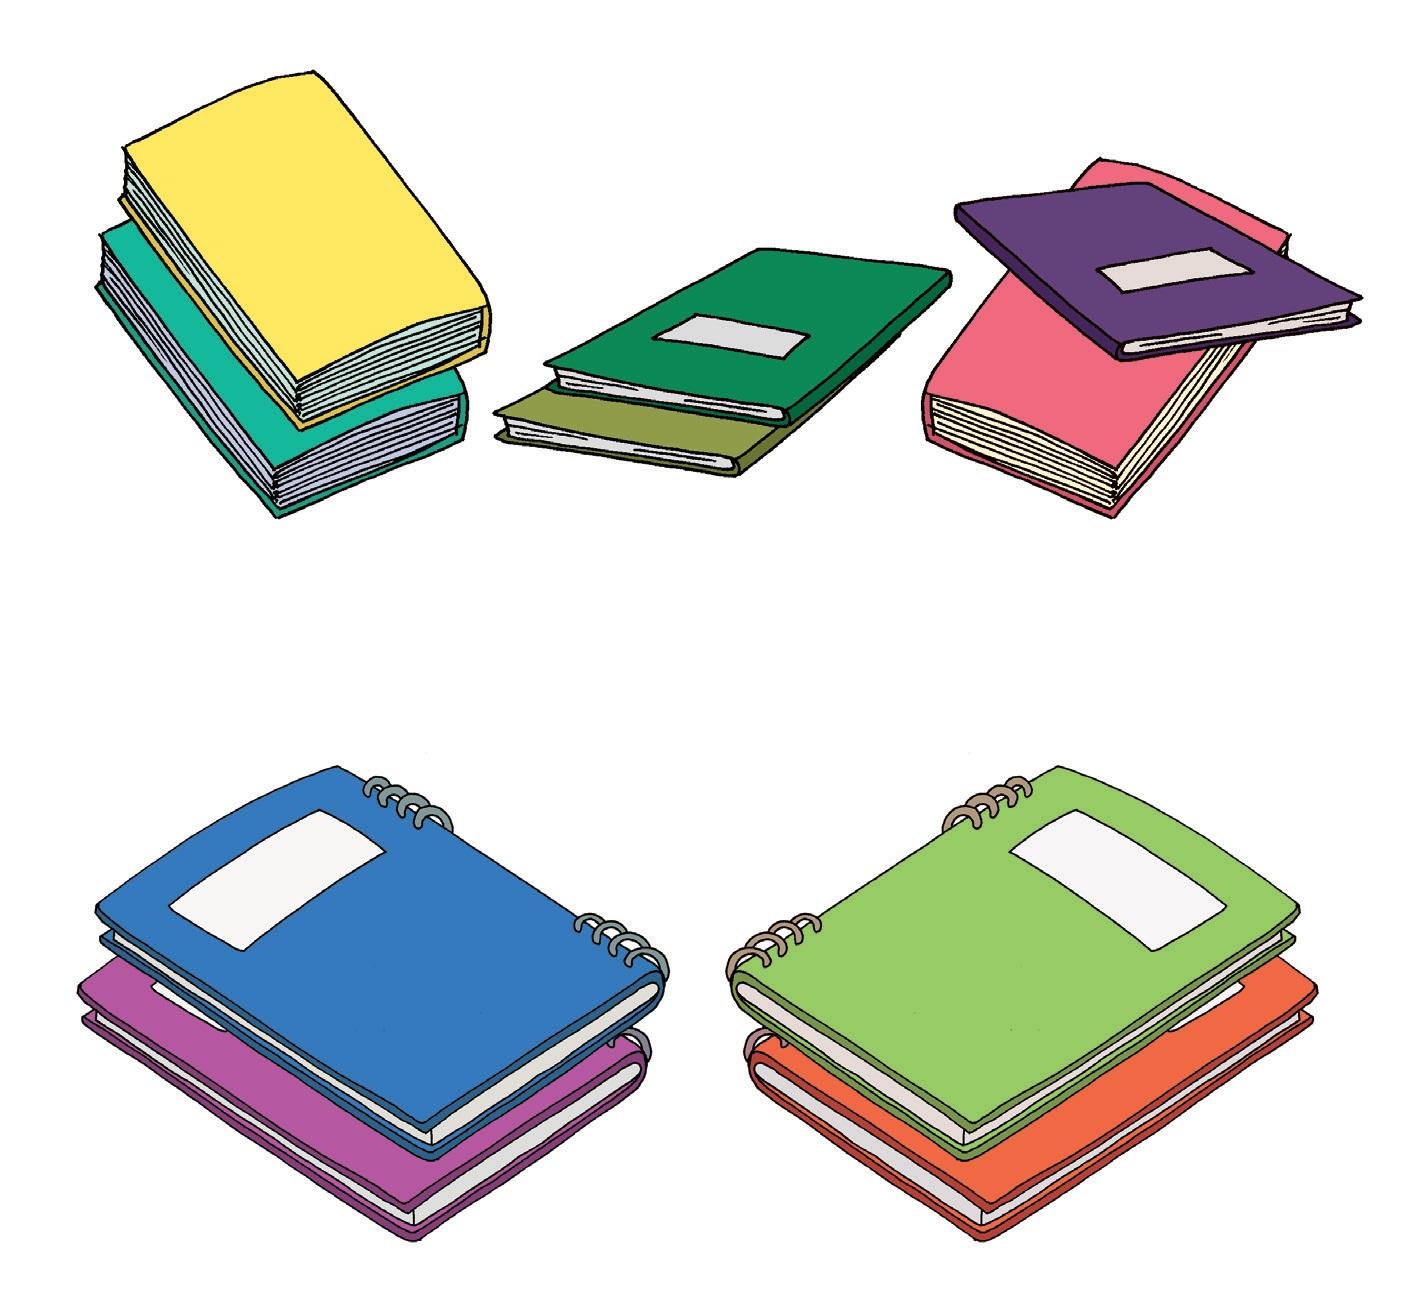 Materi Dan Kunci Jawaban Tematik Kelas 5 Tema 6 Subtema 2 Halaman 71 72 75 76 77 Gawe Kami